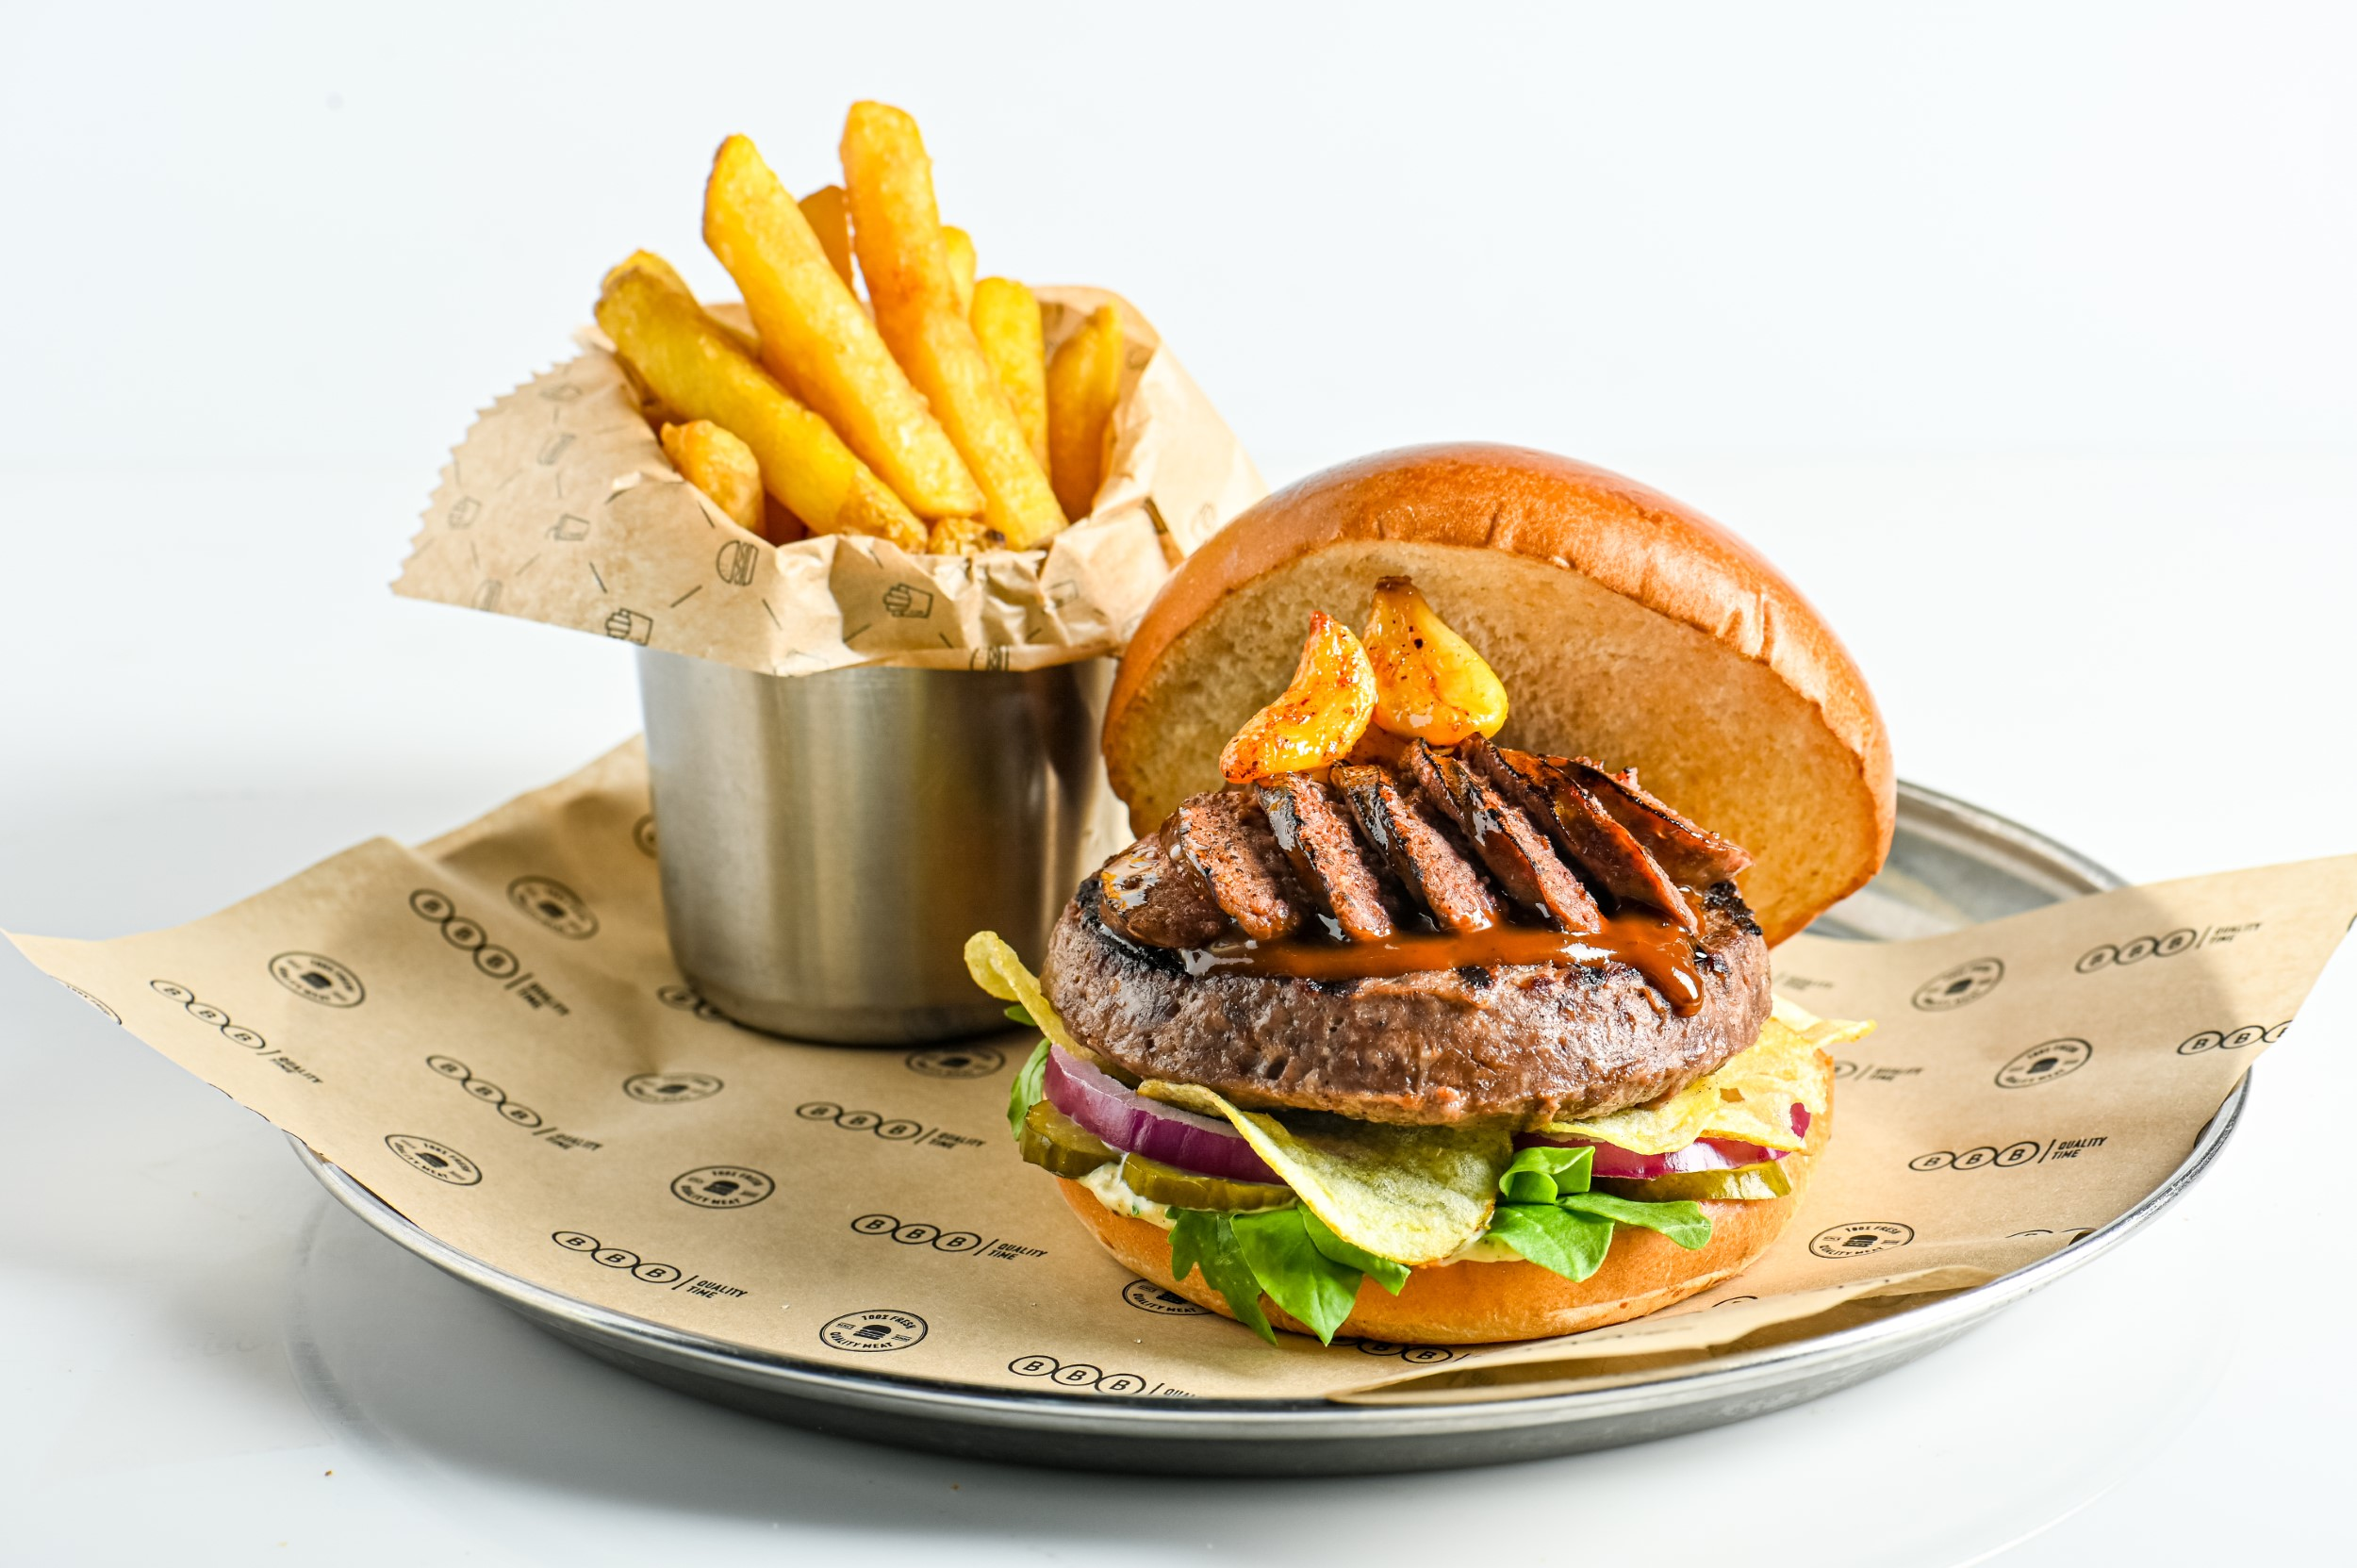 המבורגר לה קבררה של BBB (צילום: גליה אבירם)